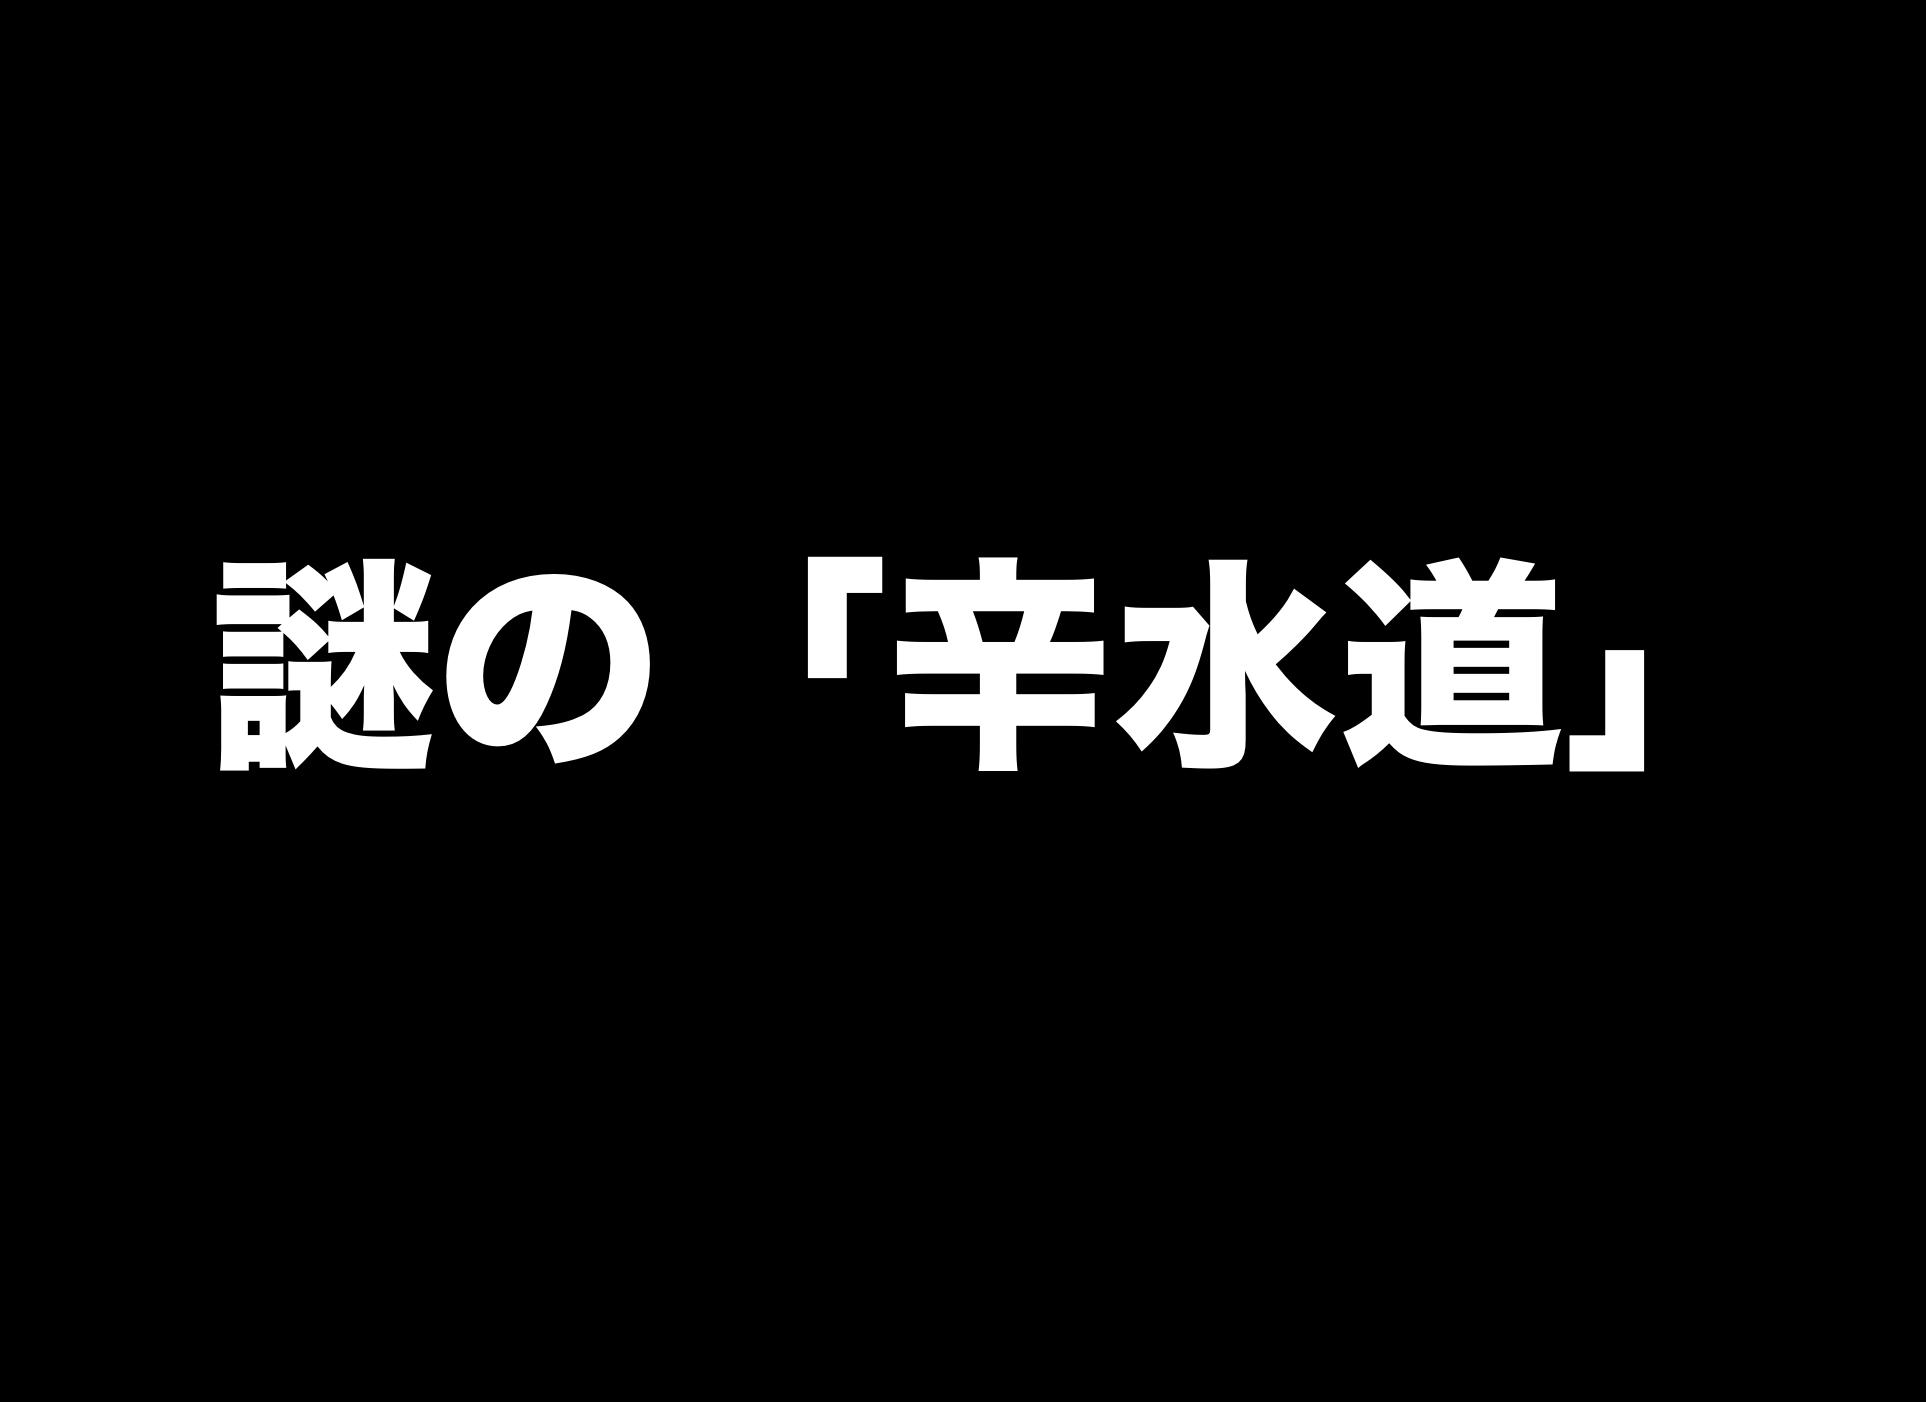 """""""日常をエンタメ化""""新しい陰陽道! 謎の「辛水道」を考案"""